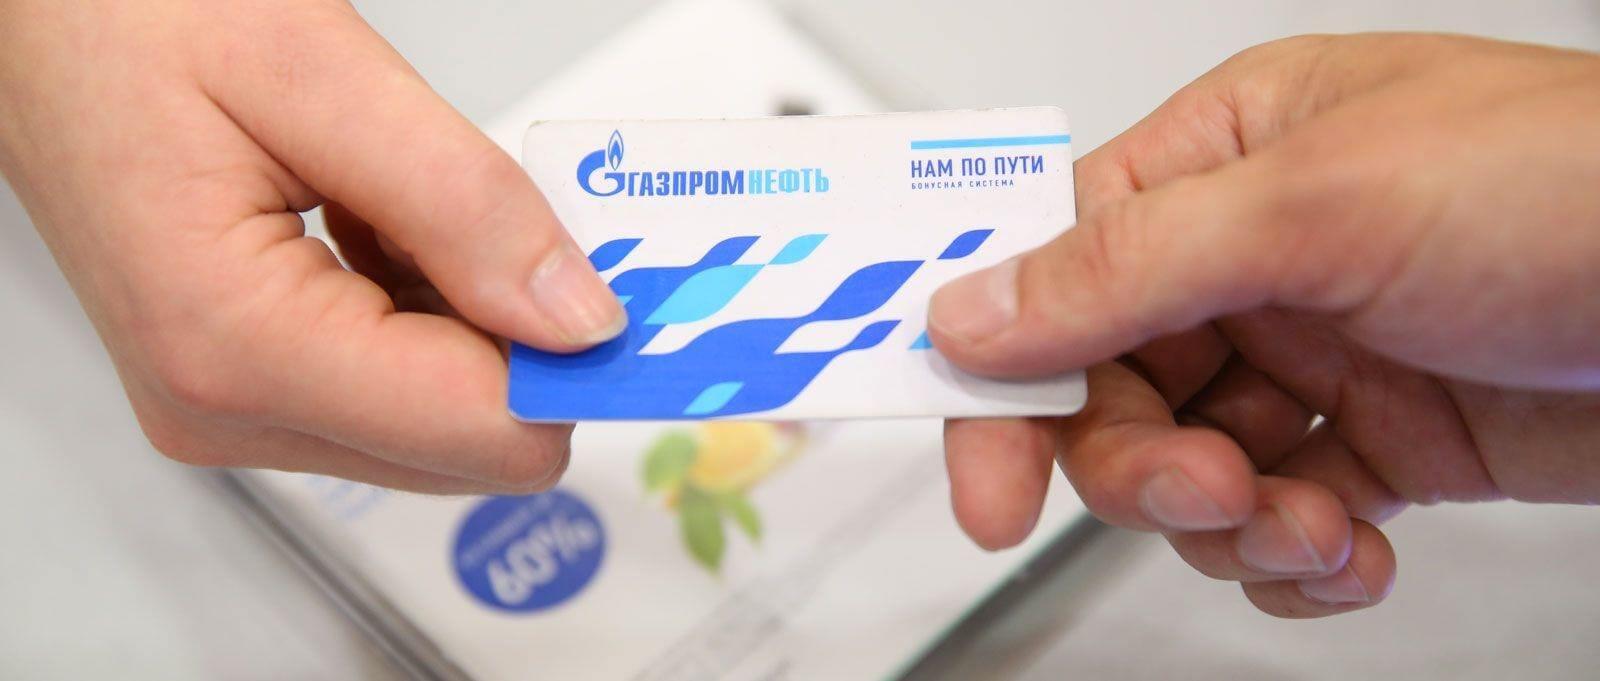 gazpromneft-proverit-bonusyi-na-karte.jpg